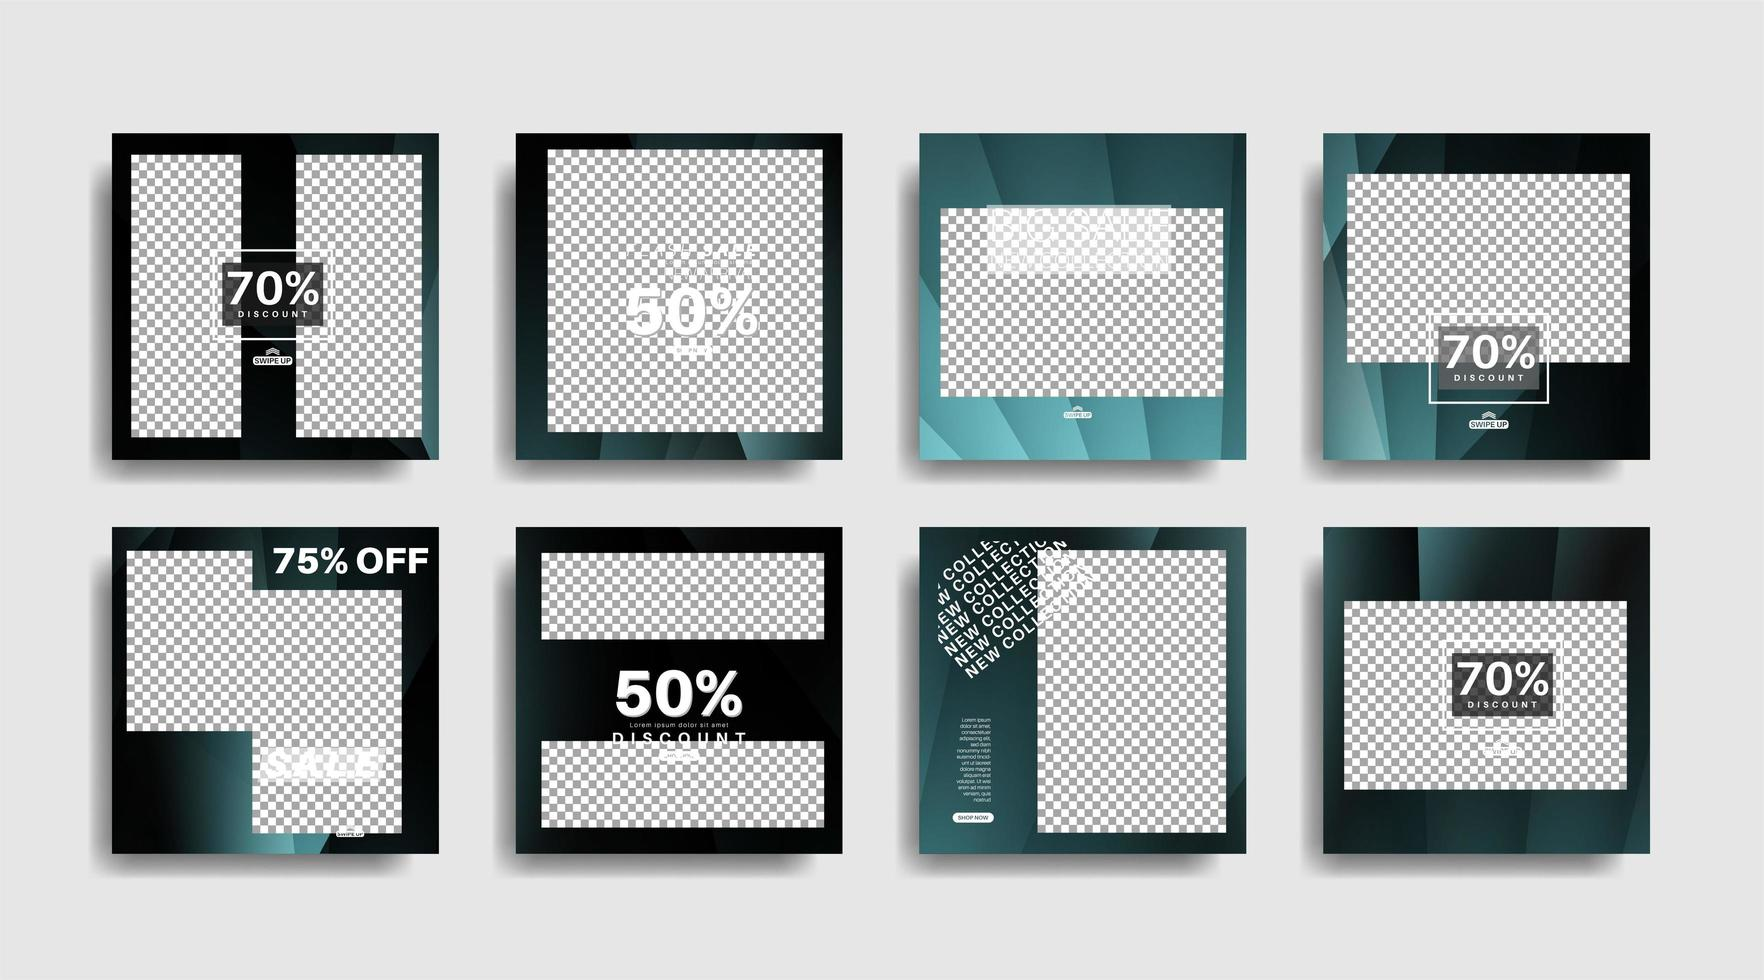 banner web quadrado de promoção moderna para ilustração de design vetorial de mídia social vetor